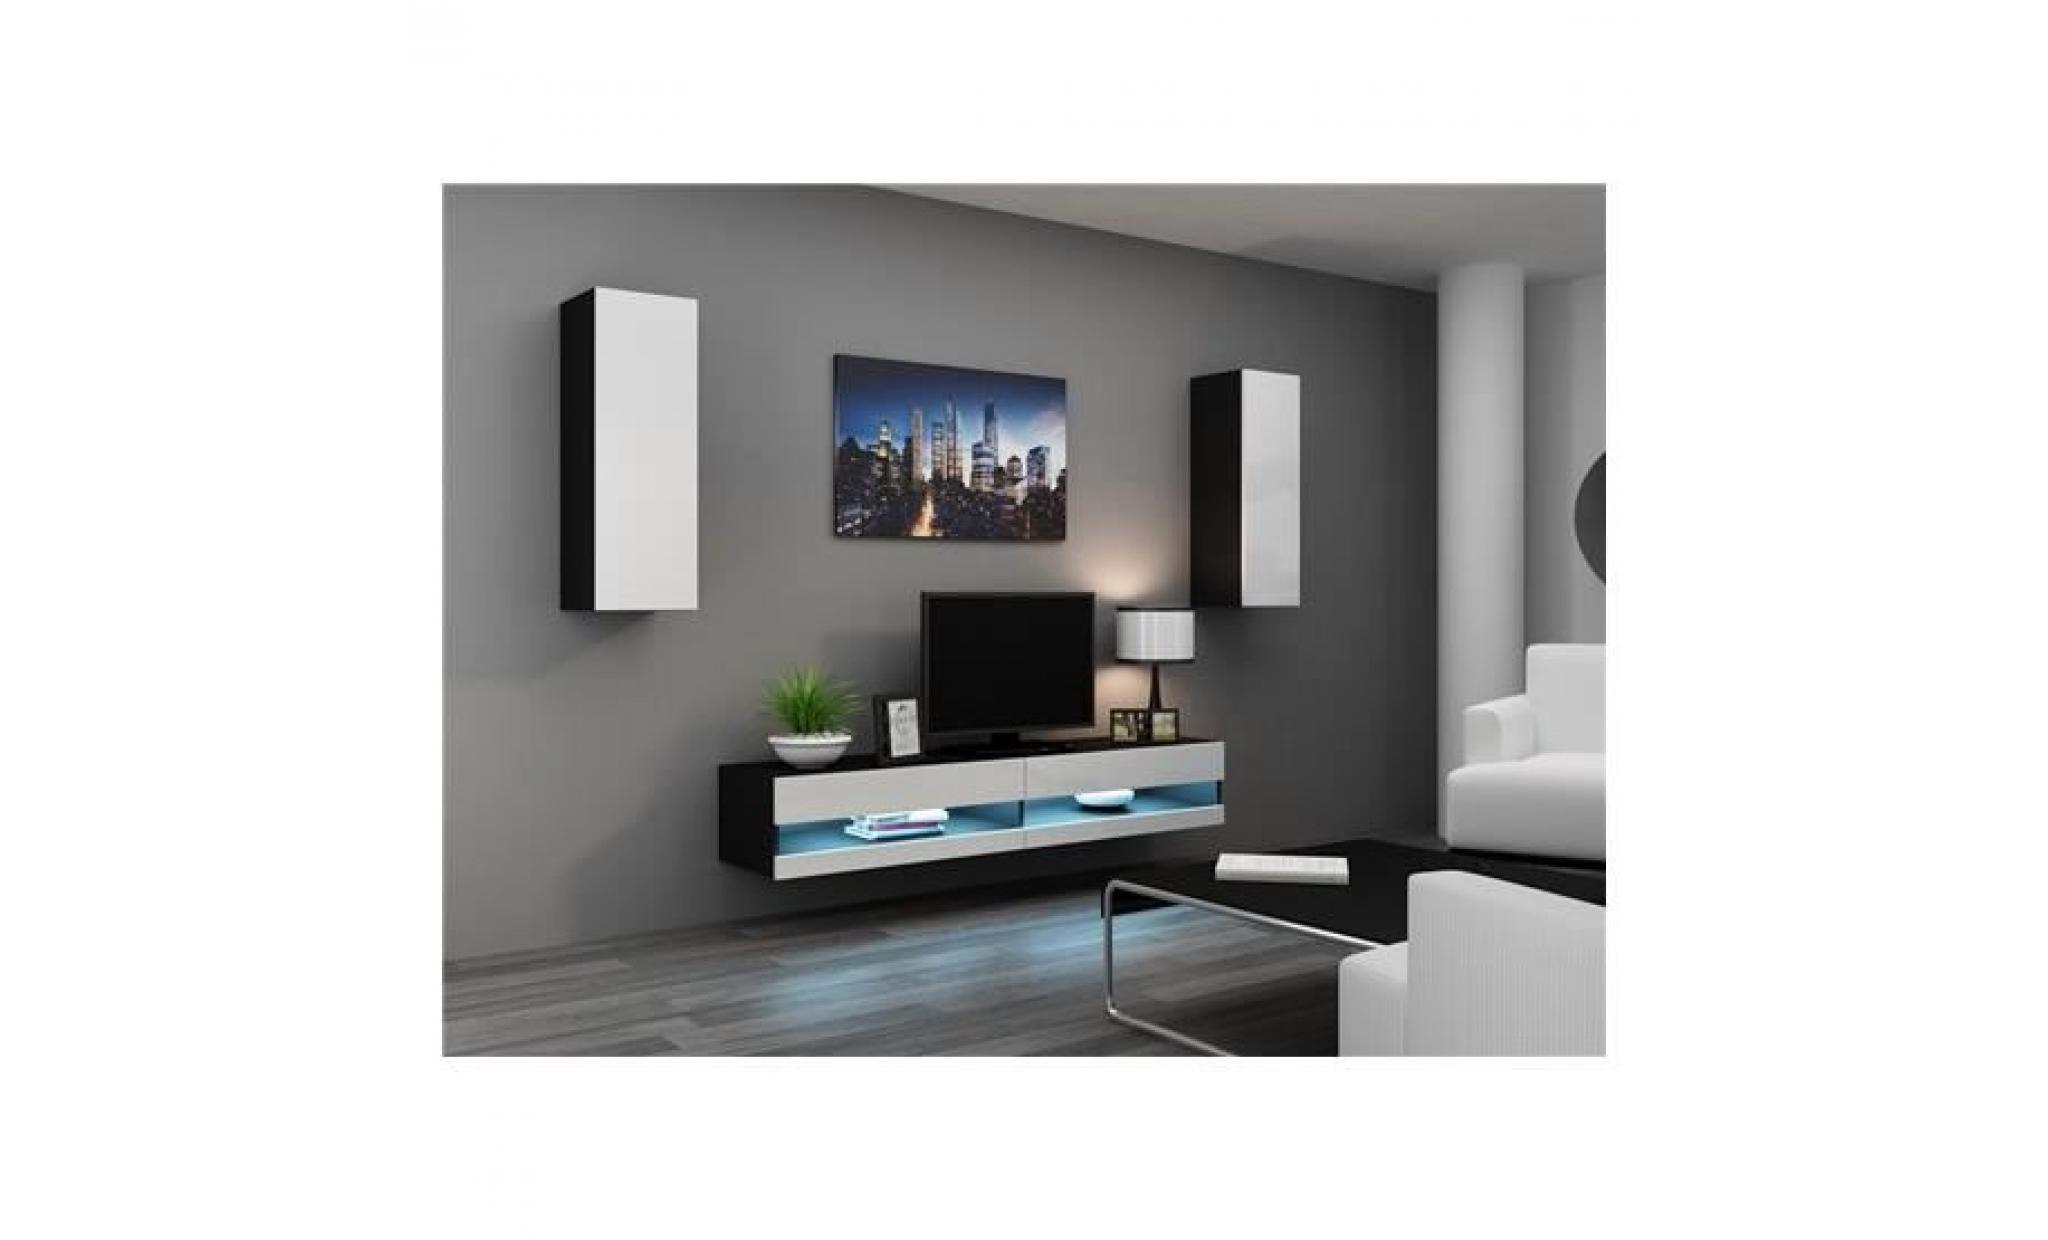 Ensemble Meuble Tv Design Valor Noir Et Blanc Achat Vente Meuble  # Meuble Tv Design Noir Et Blanc